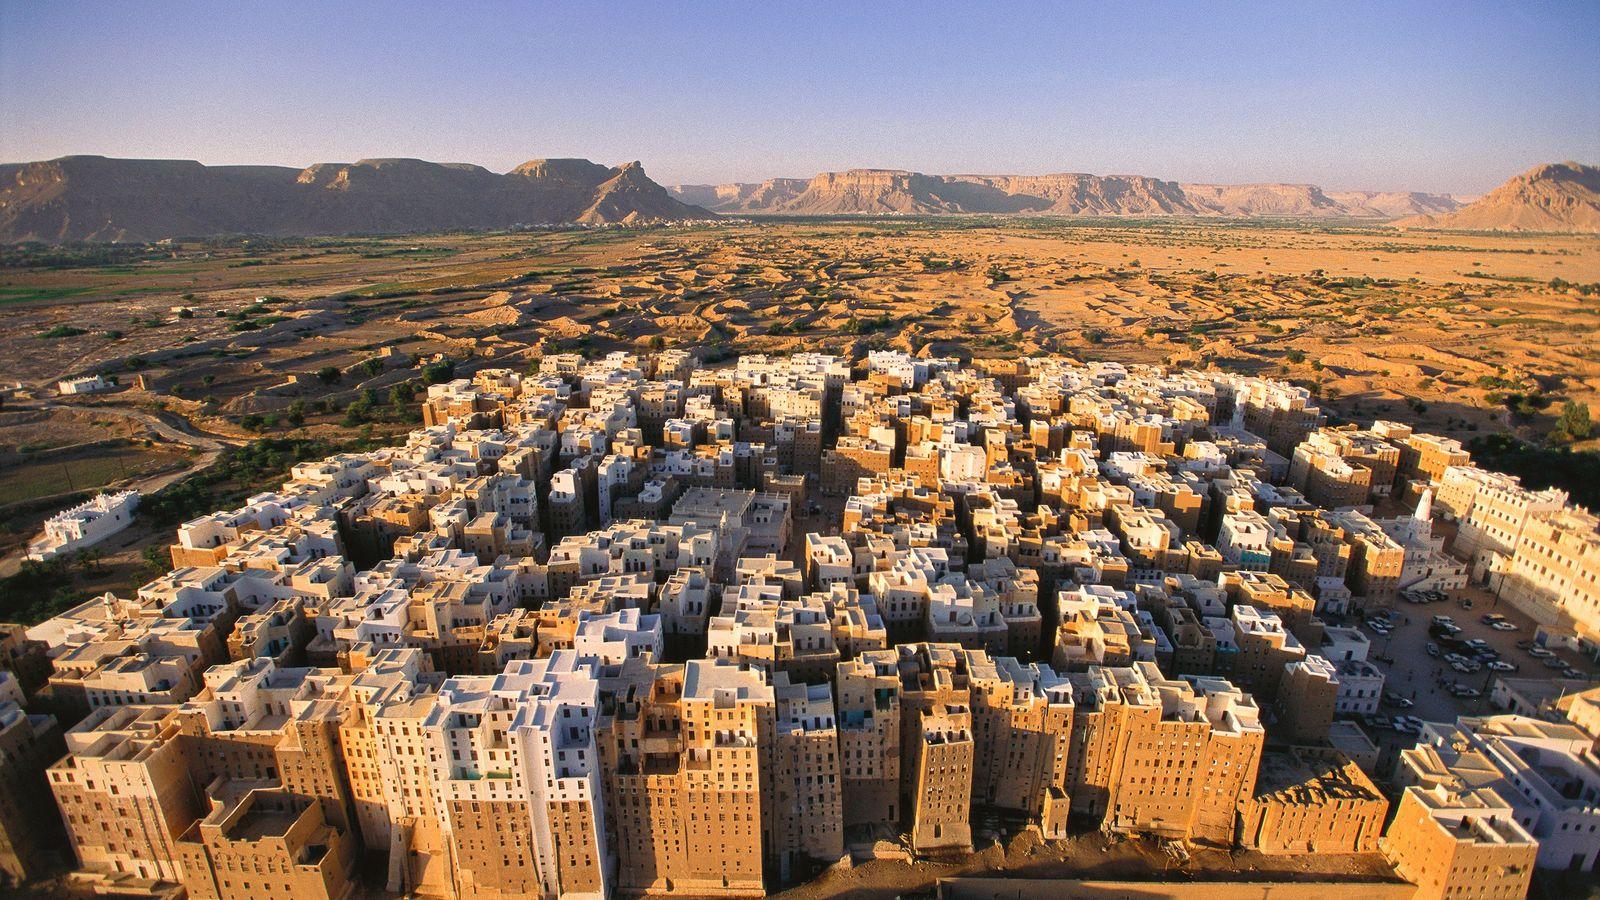 Shibam, l'ancienne capitale commerciale de la partie yéménite du désert du Quart Vide. Ses tours habitables ...